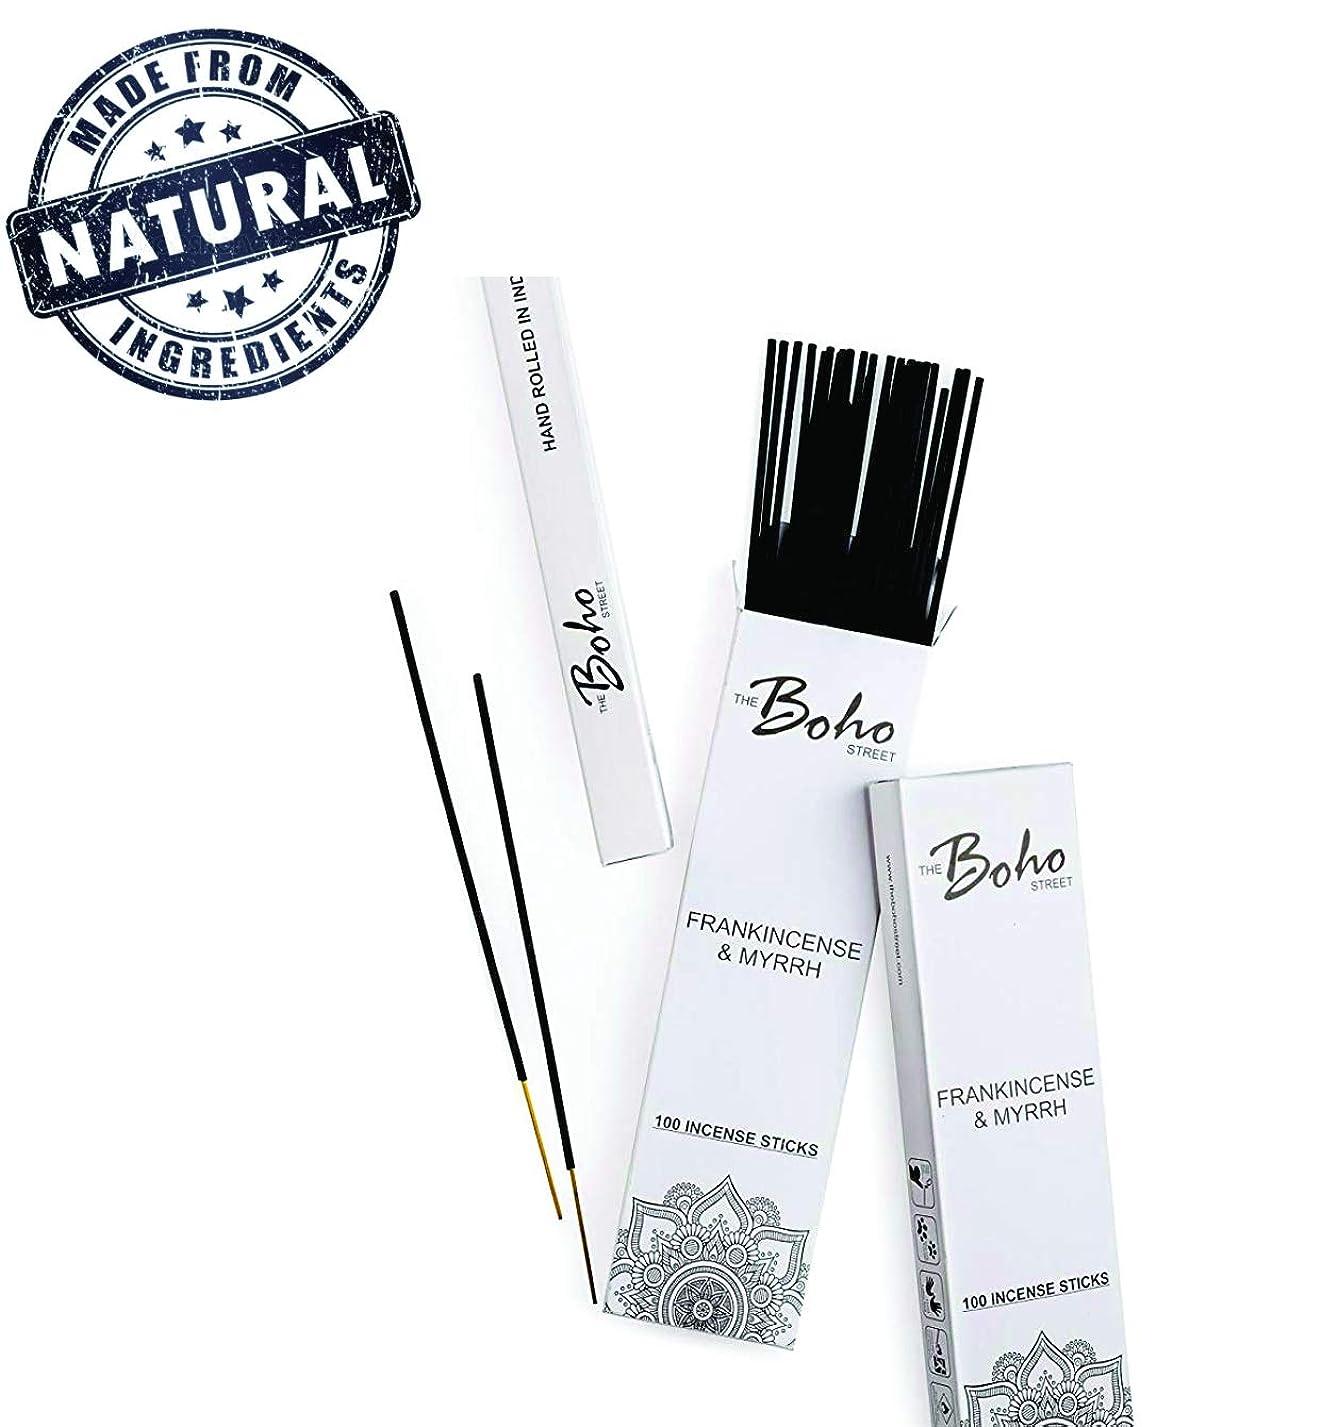 落ち込んでいるアルネ従順な(100) - The Boho Street Premium Incense Sticks - Frankincense and Myrrh 100% Hand Rolled Hand Dipped in India 100 Sticks pack (100)